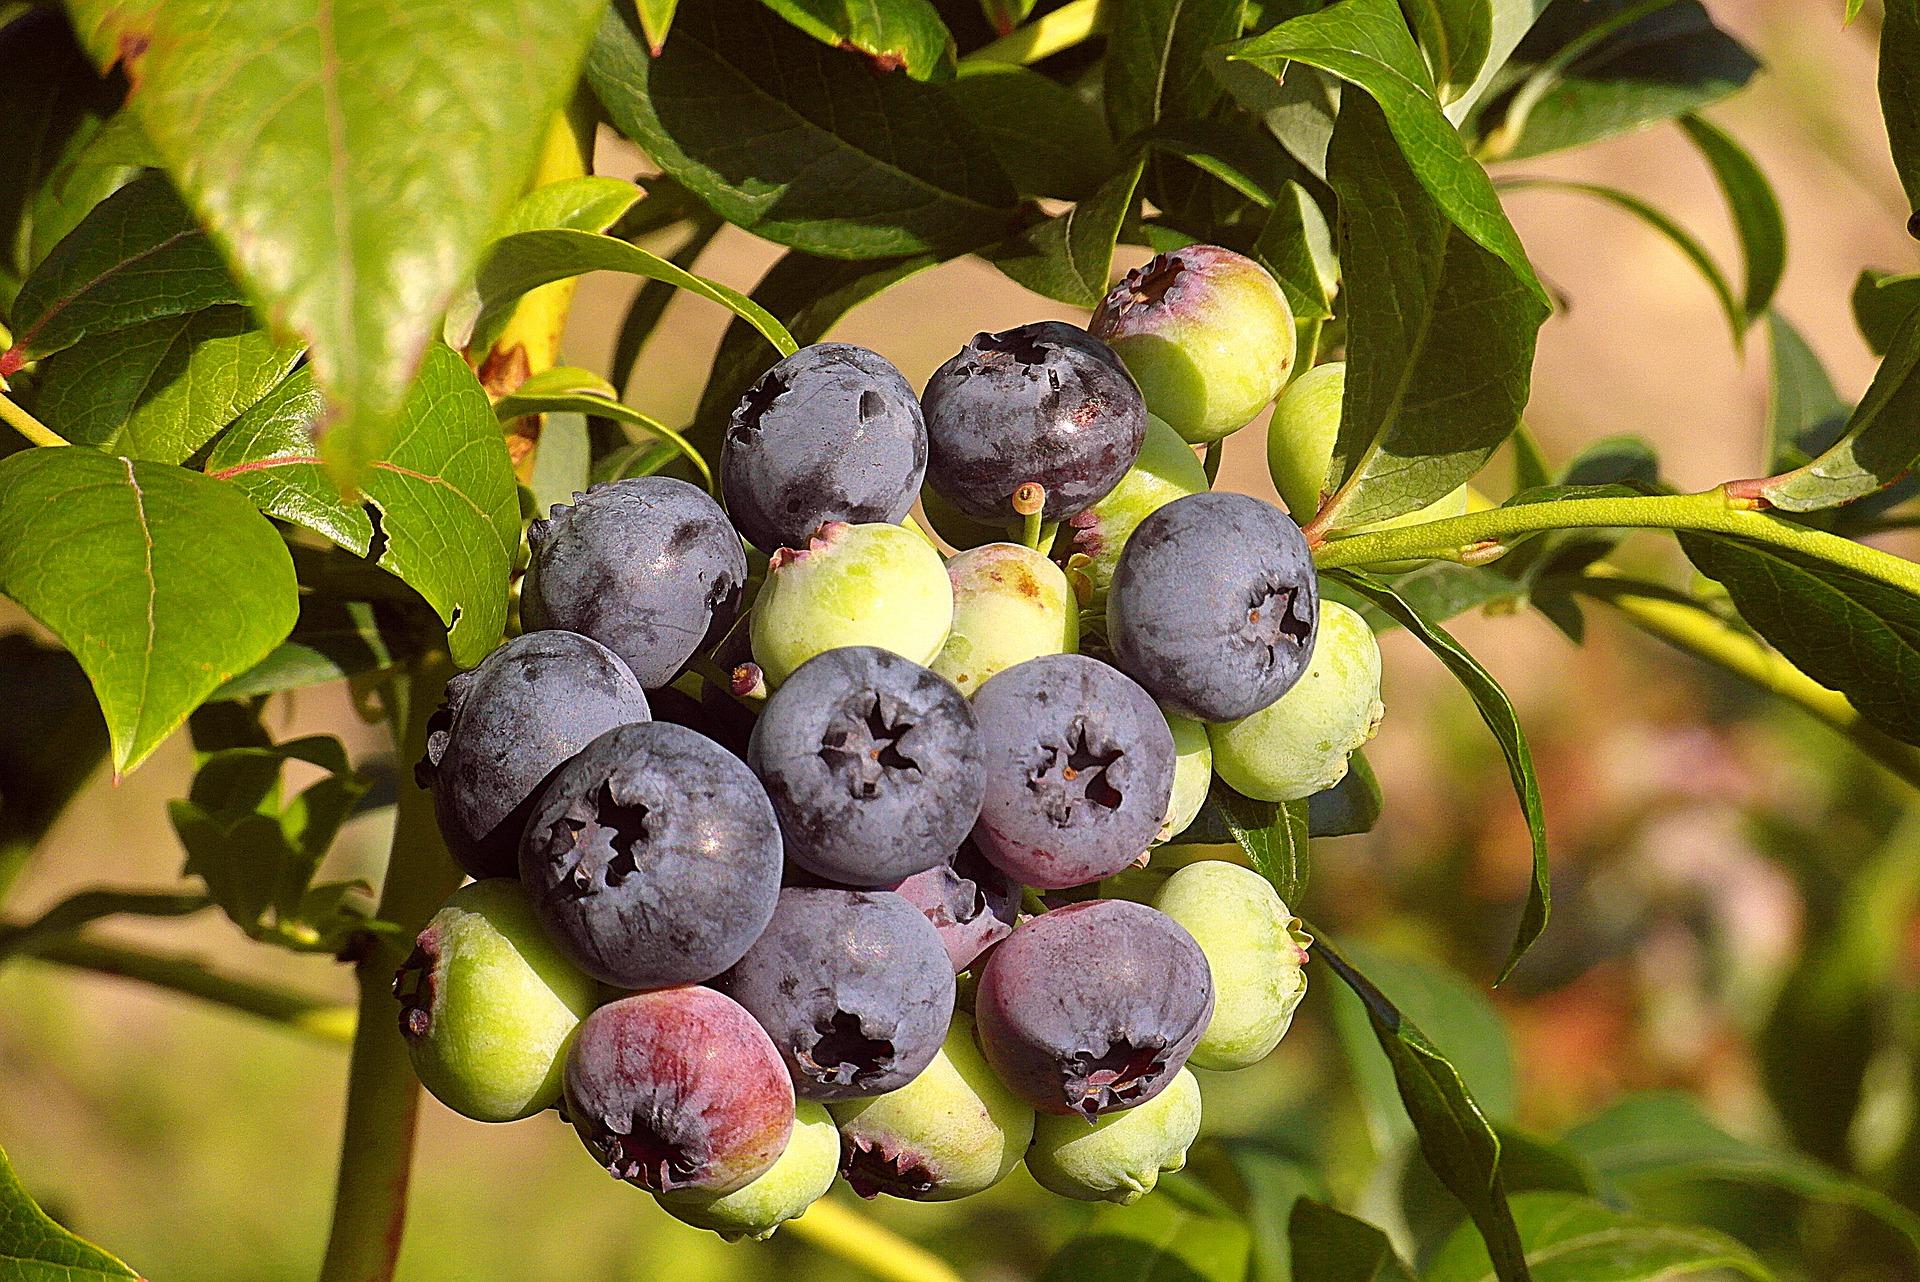 Rośliny Borówki – Wymagania Chłodnicze Do Produkcji Borówki